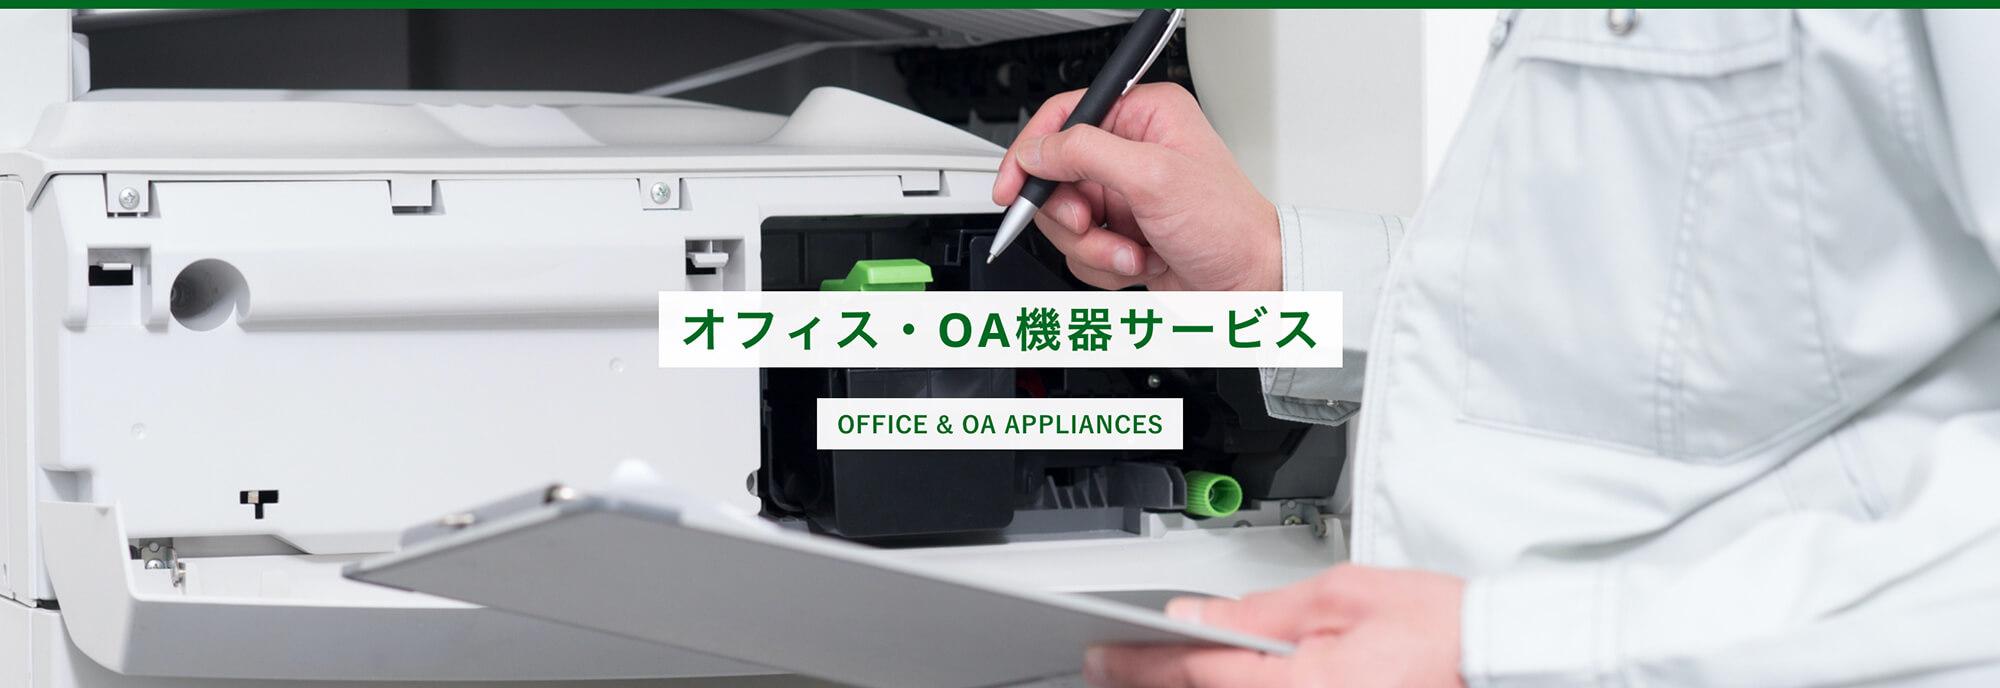 オフィス・OA機器サービス